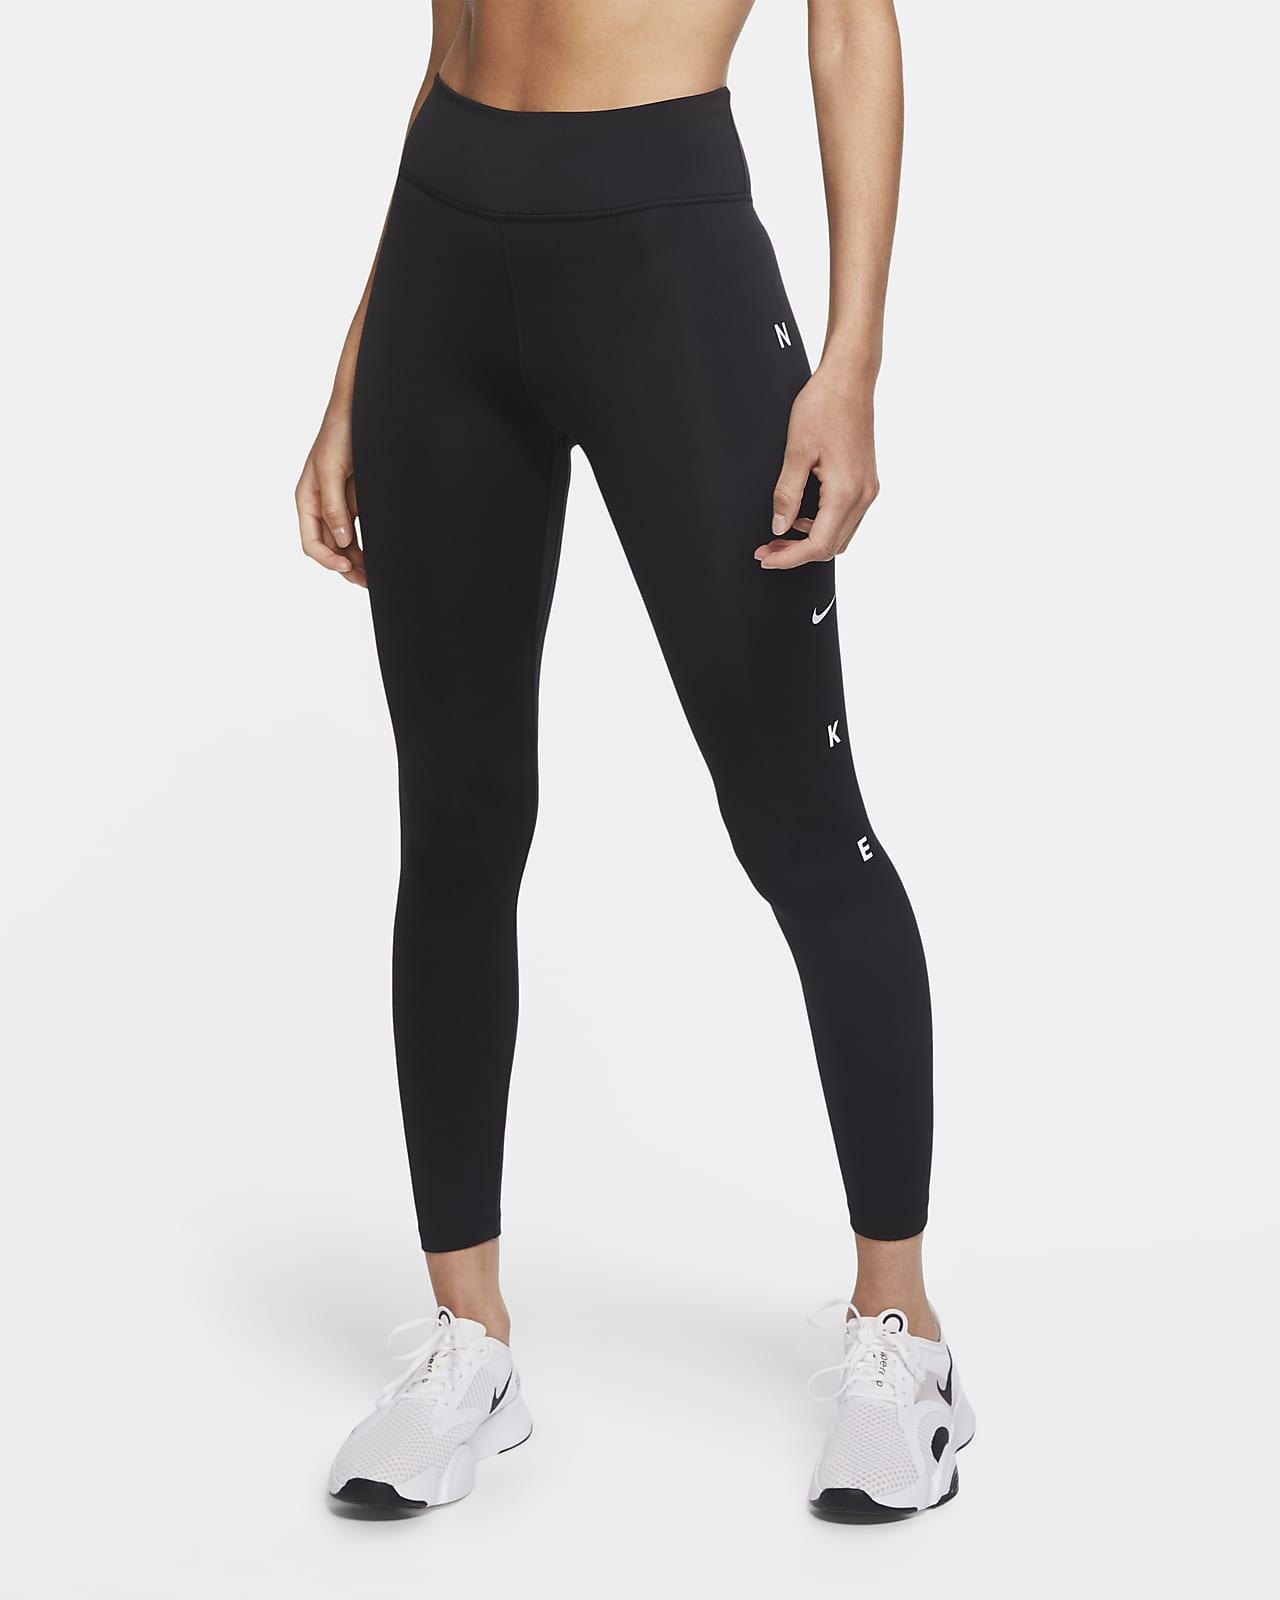 Tights com grafismo a 7/8 Nike One para mulher